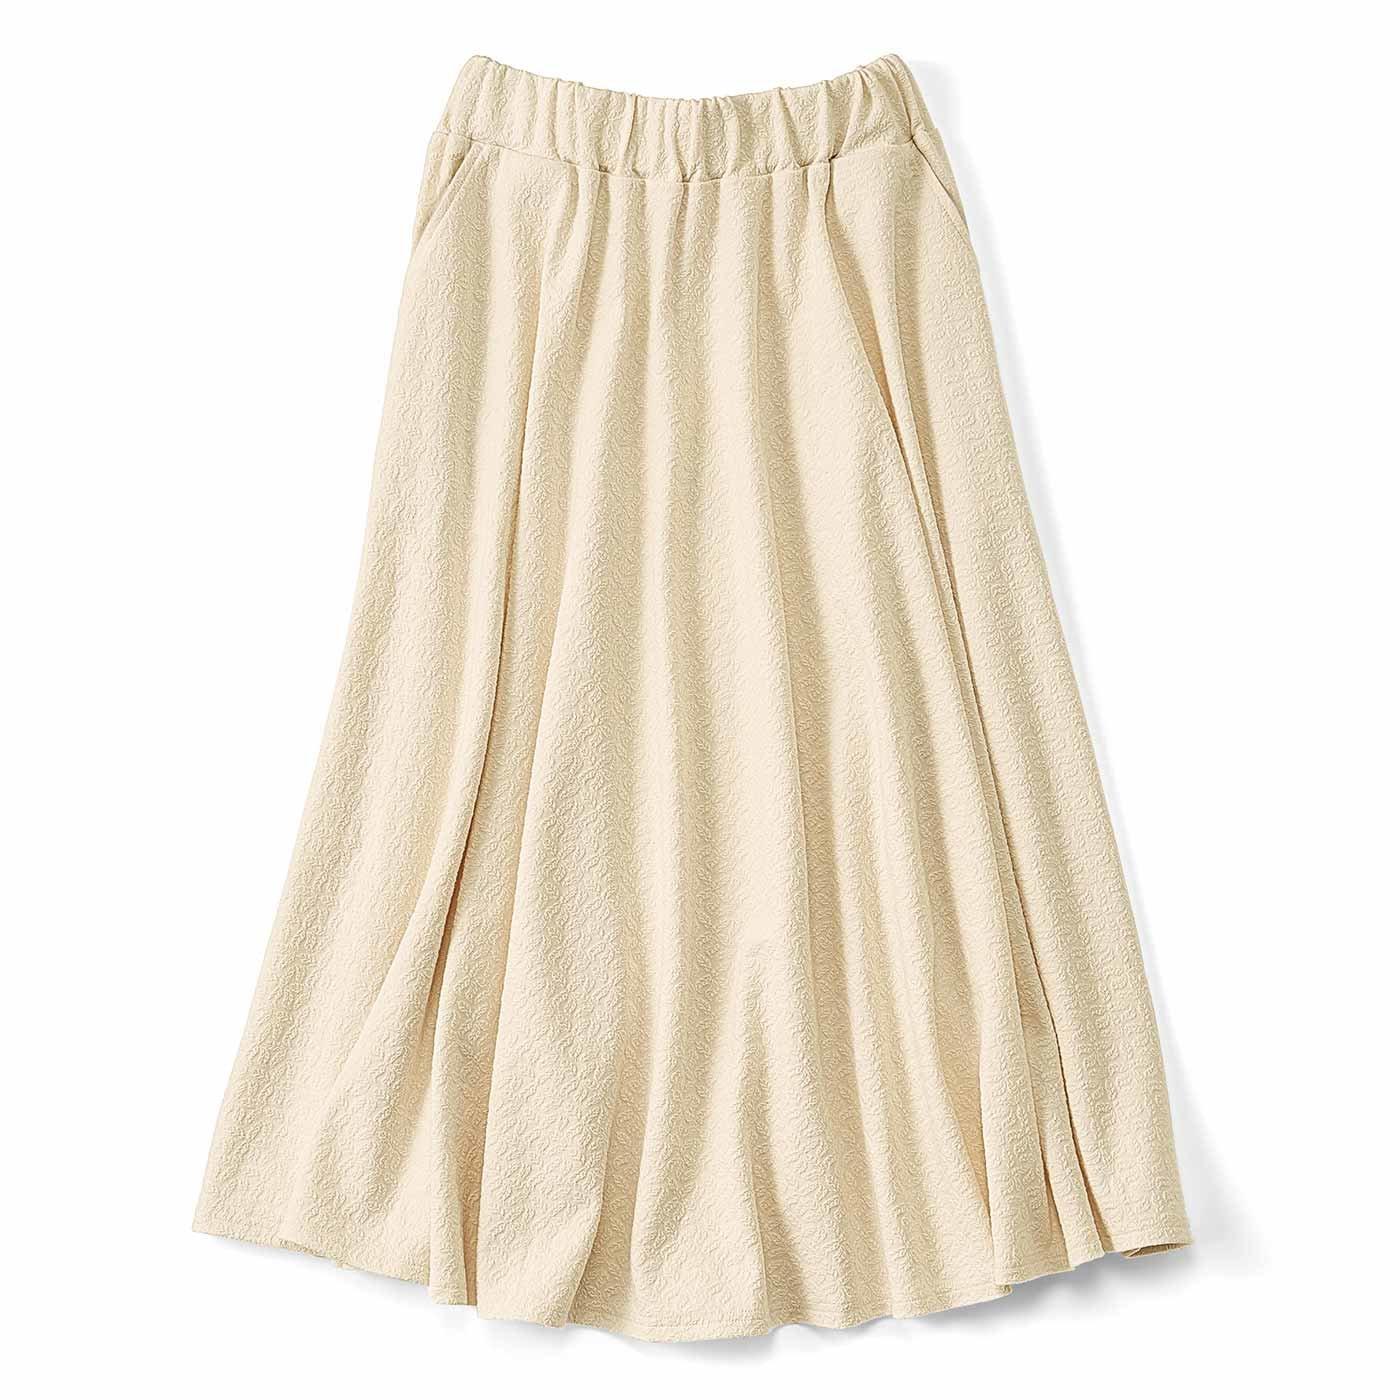 ぽこぽこ柄がかわいい フレアースカート〈バニラ〉